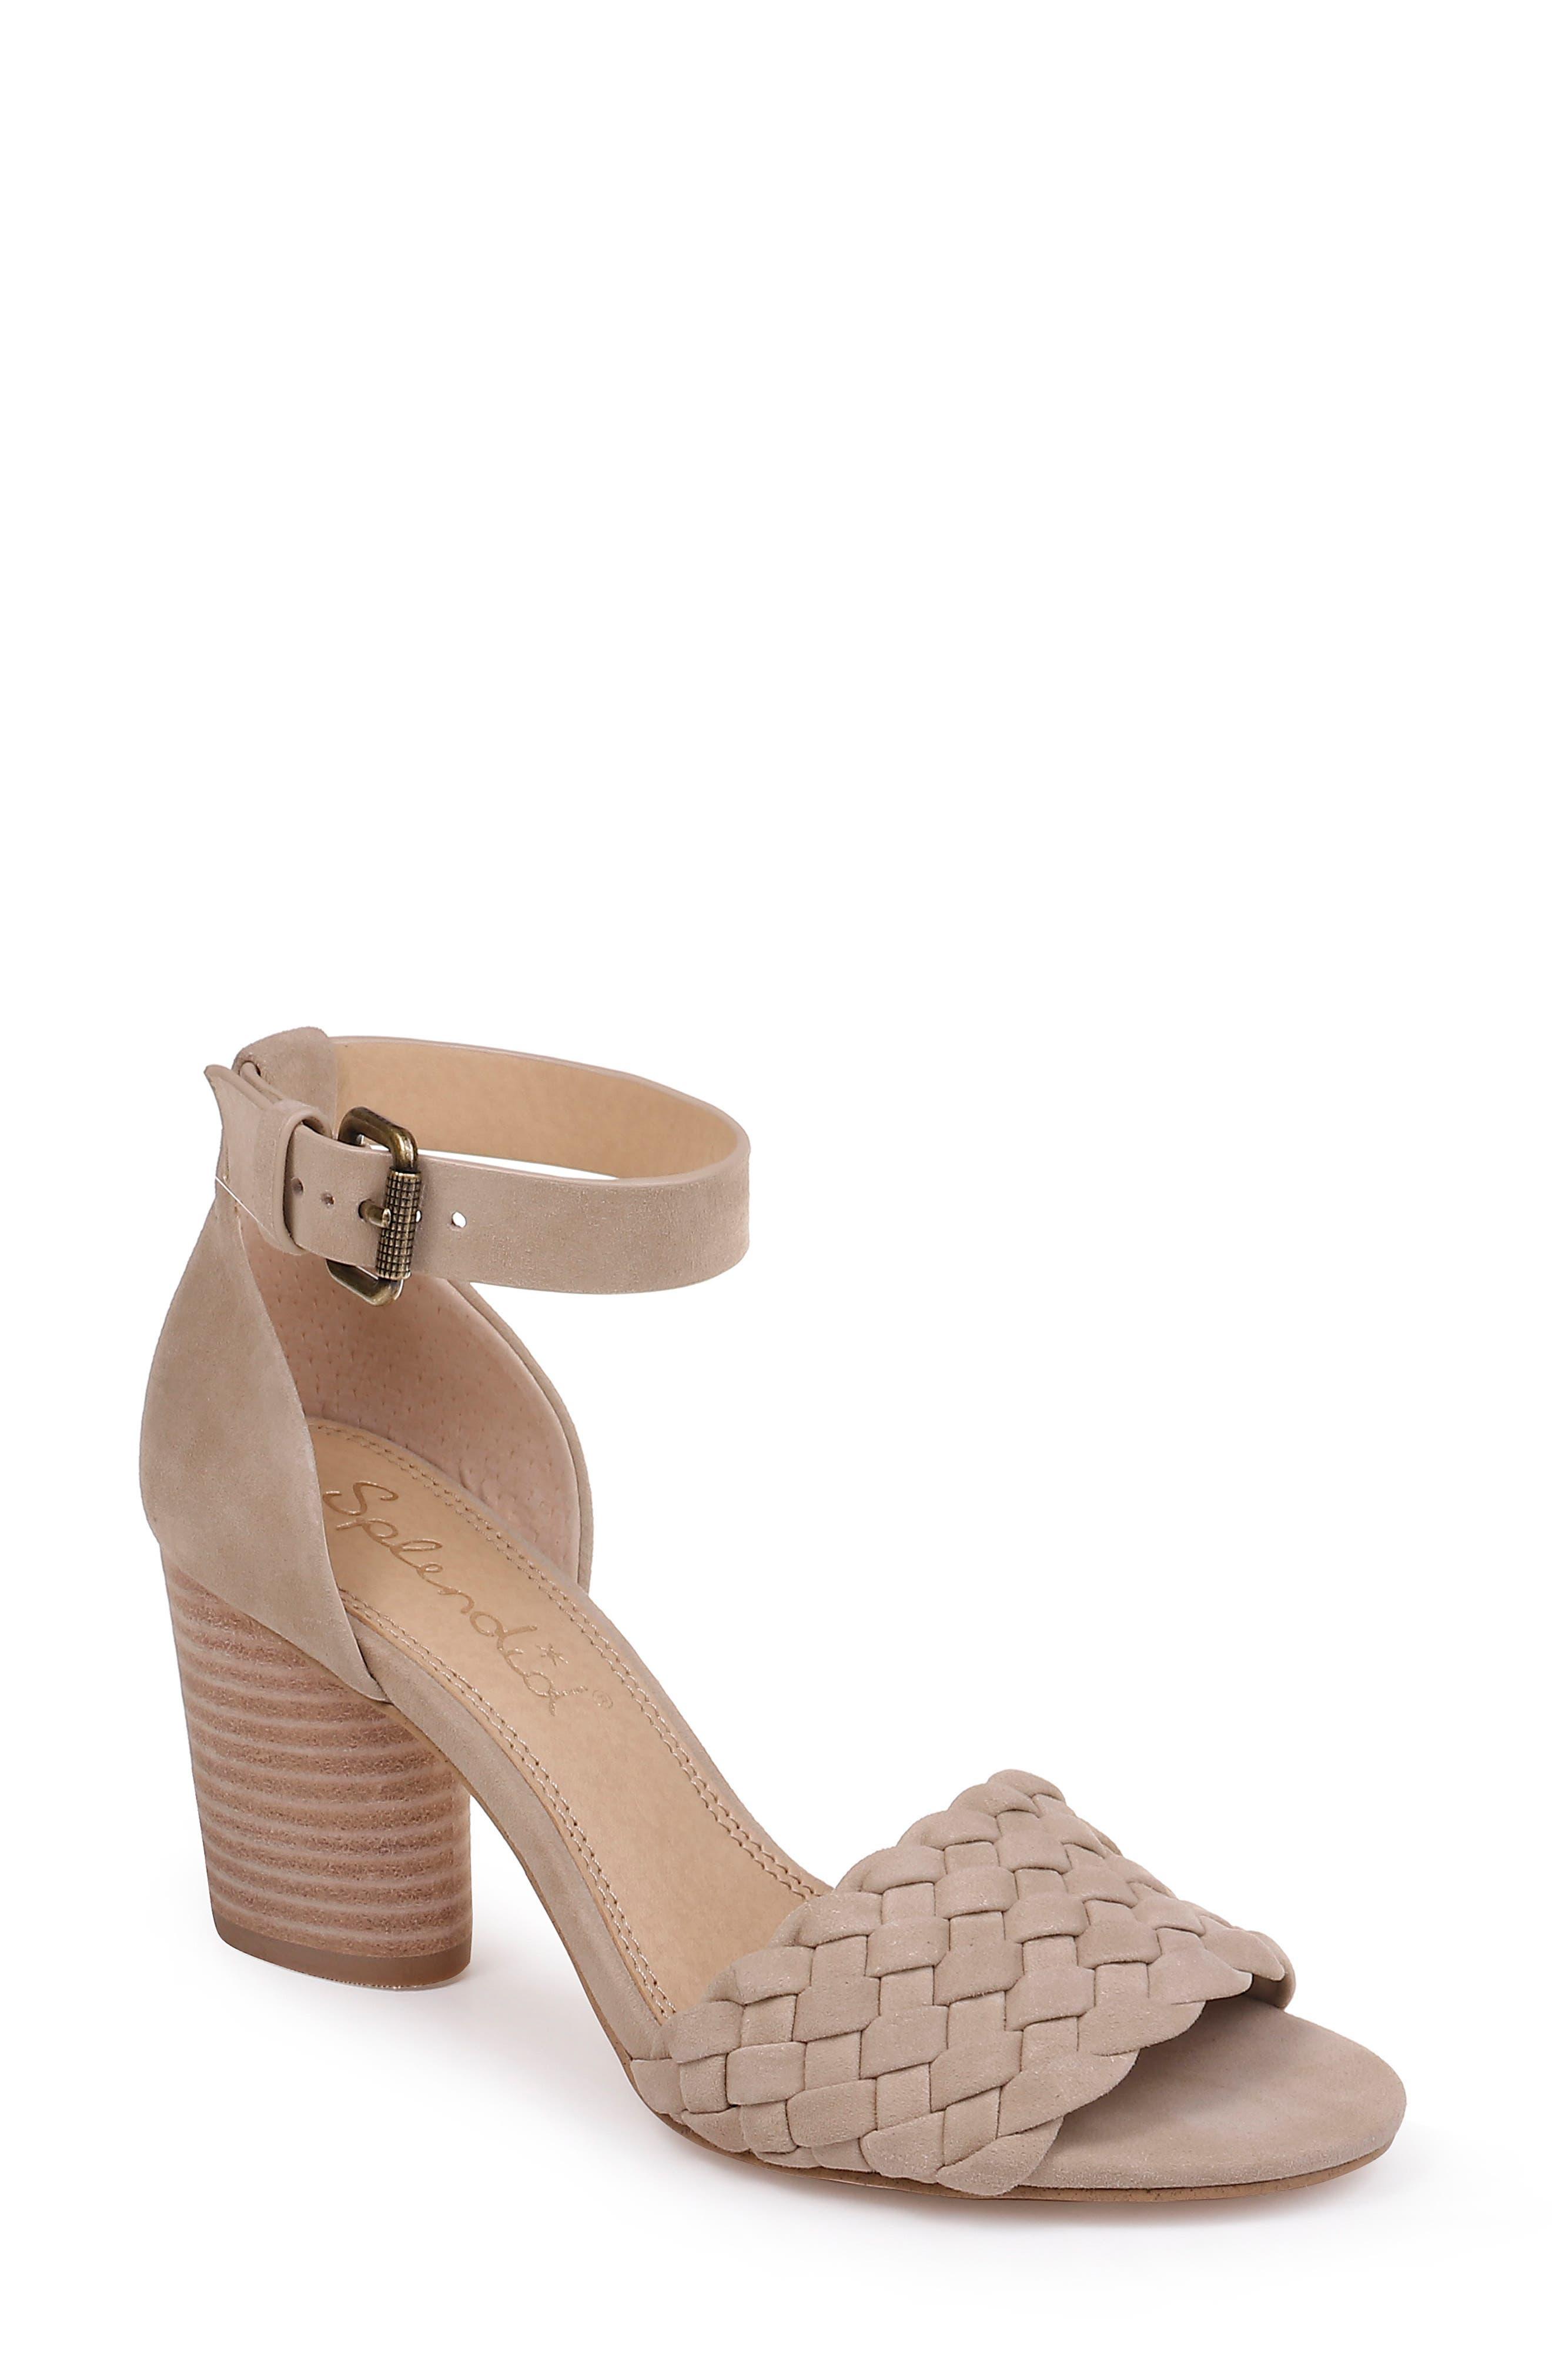 Splendid Taro Woven Ankle Strap Sandal- Beige